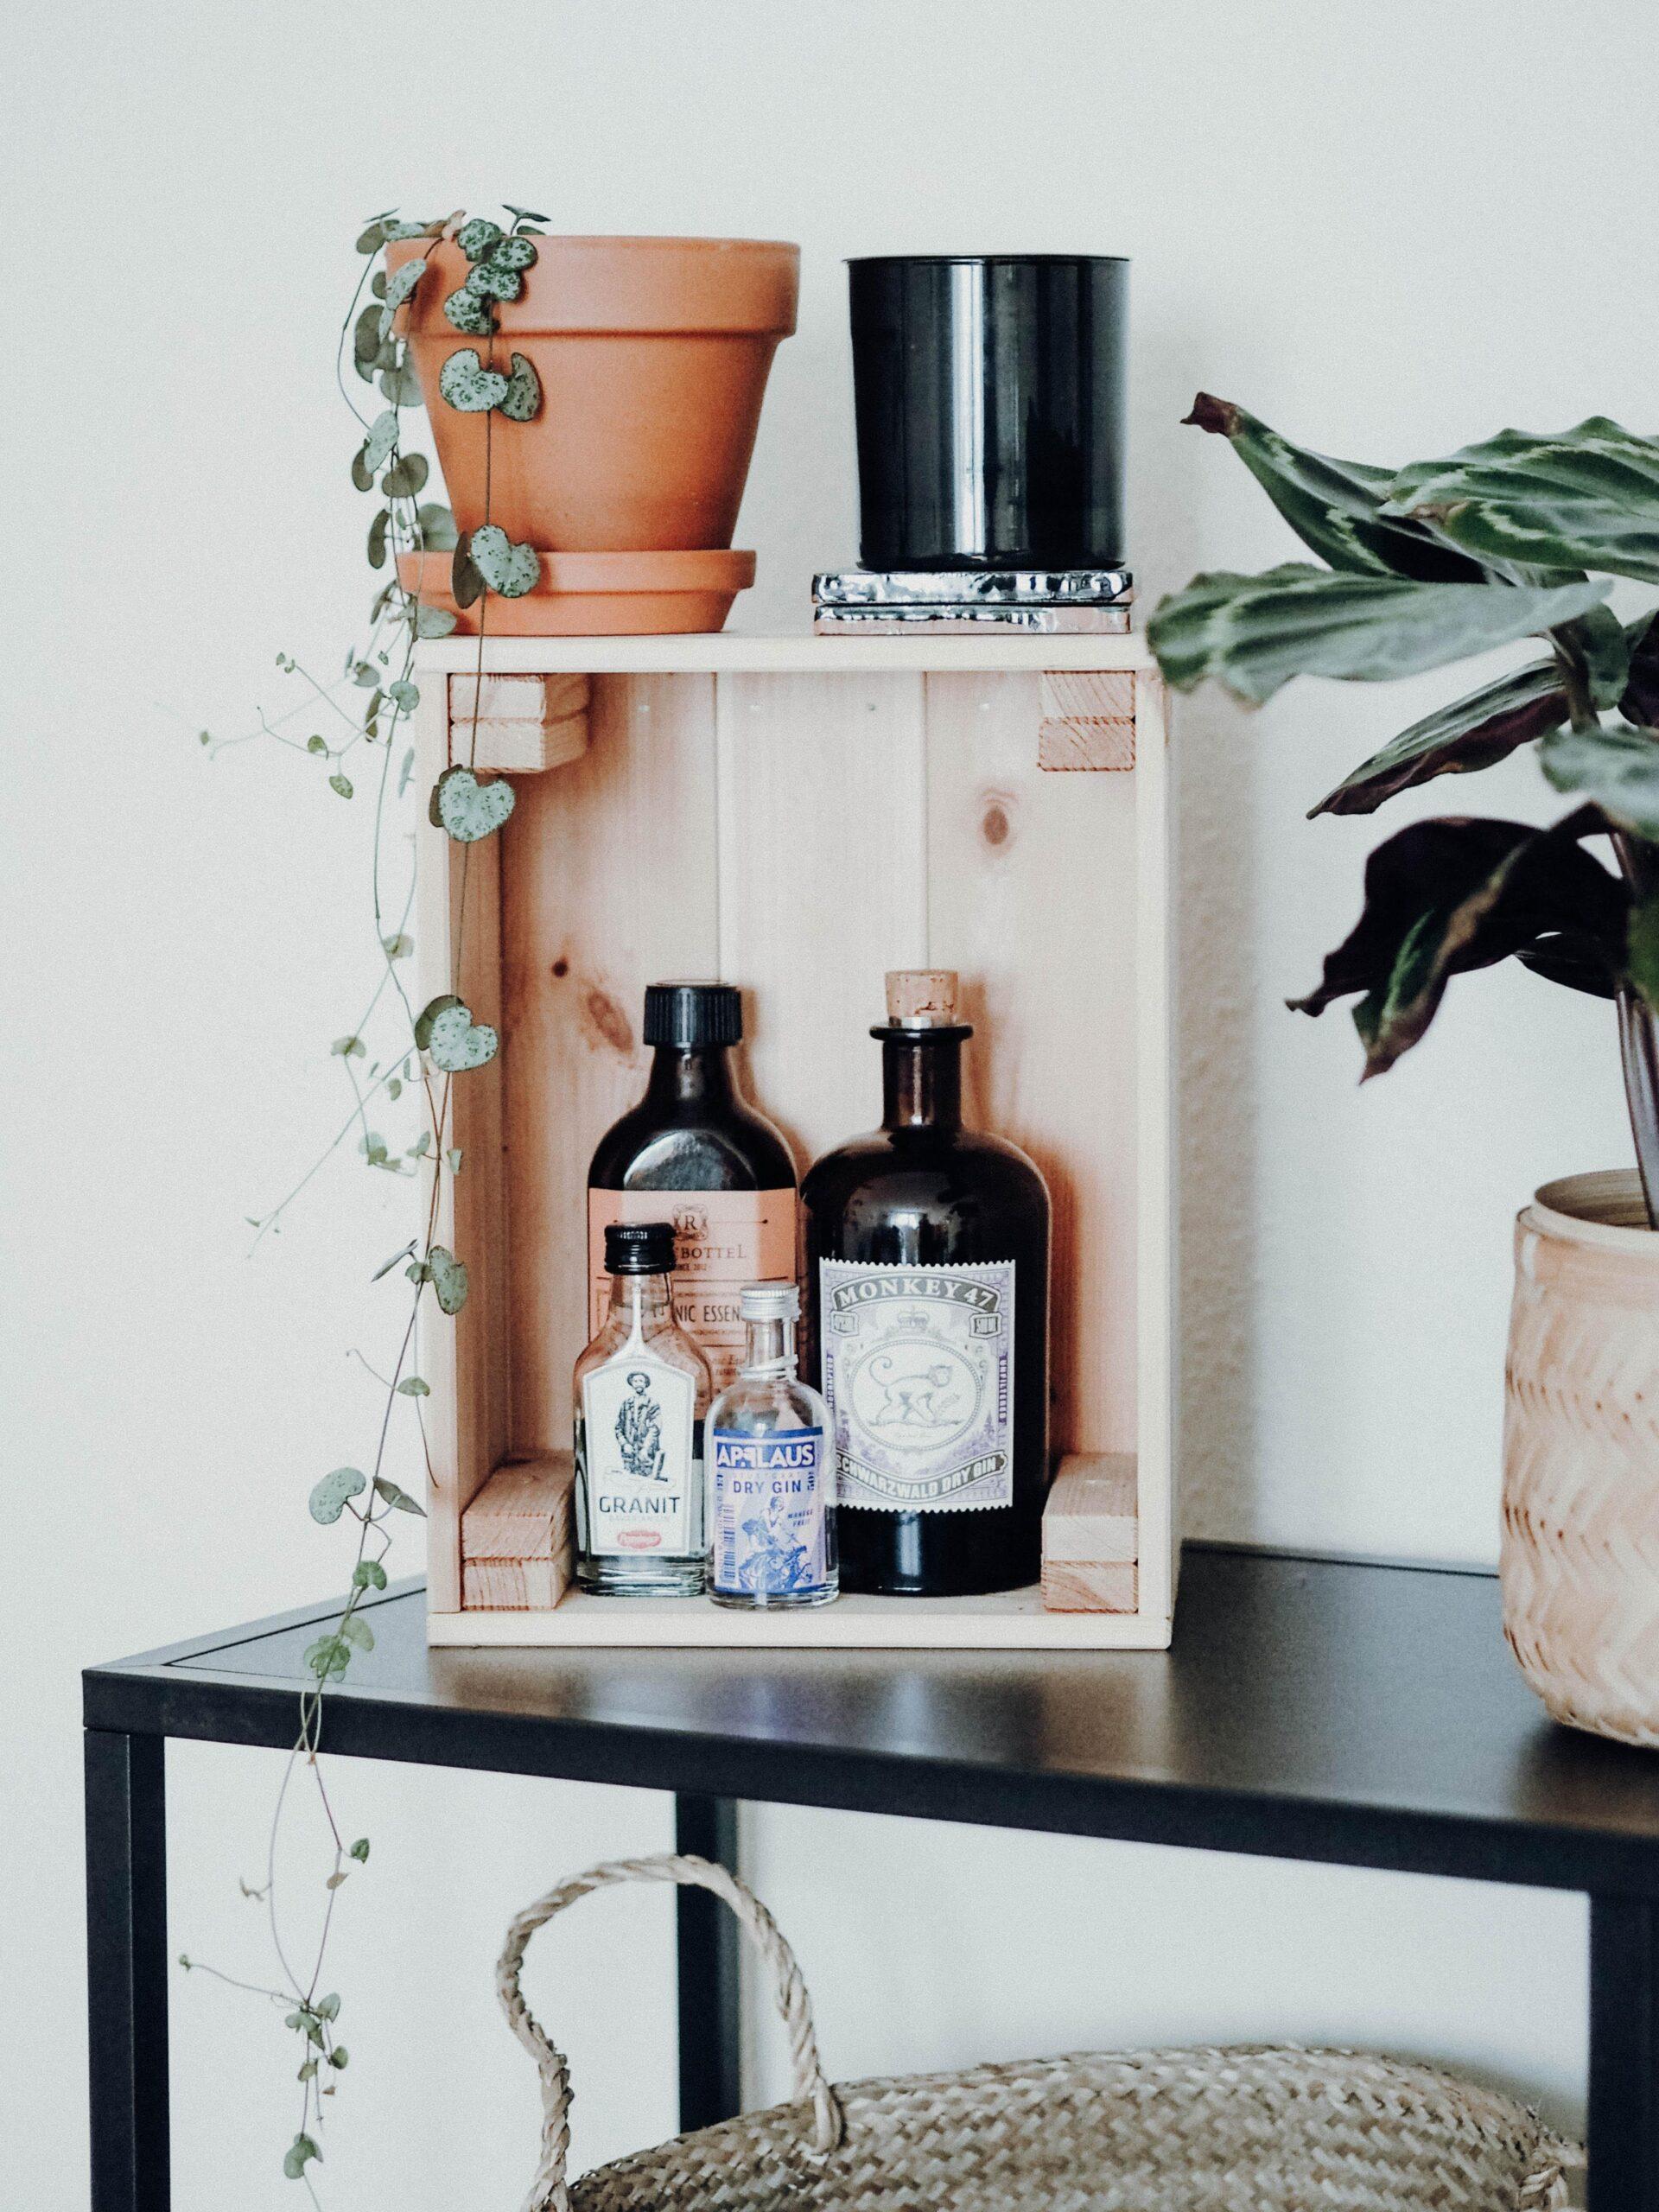 Full Size of Wanddeko Wohnzimmer Bilder Selber Machen Modern Ebay Ikea Holz Diy Metall Amazon Ideen Silber Deko Mach Es Dir Gemtlich Tapeten Board Lampen Pendelleuchte Led Wohnzimmer Wanddeko Wohnzimmer